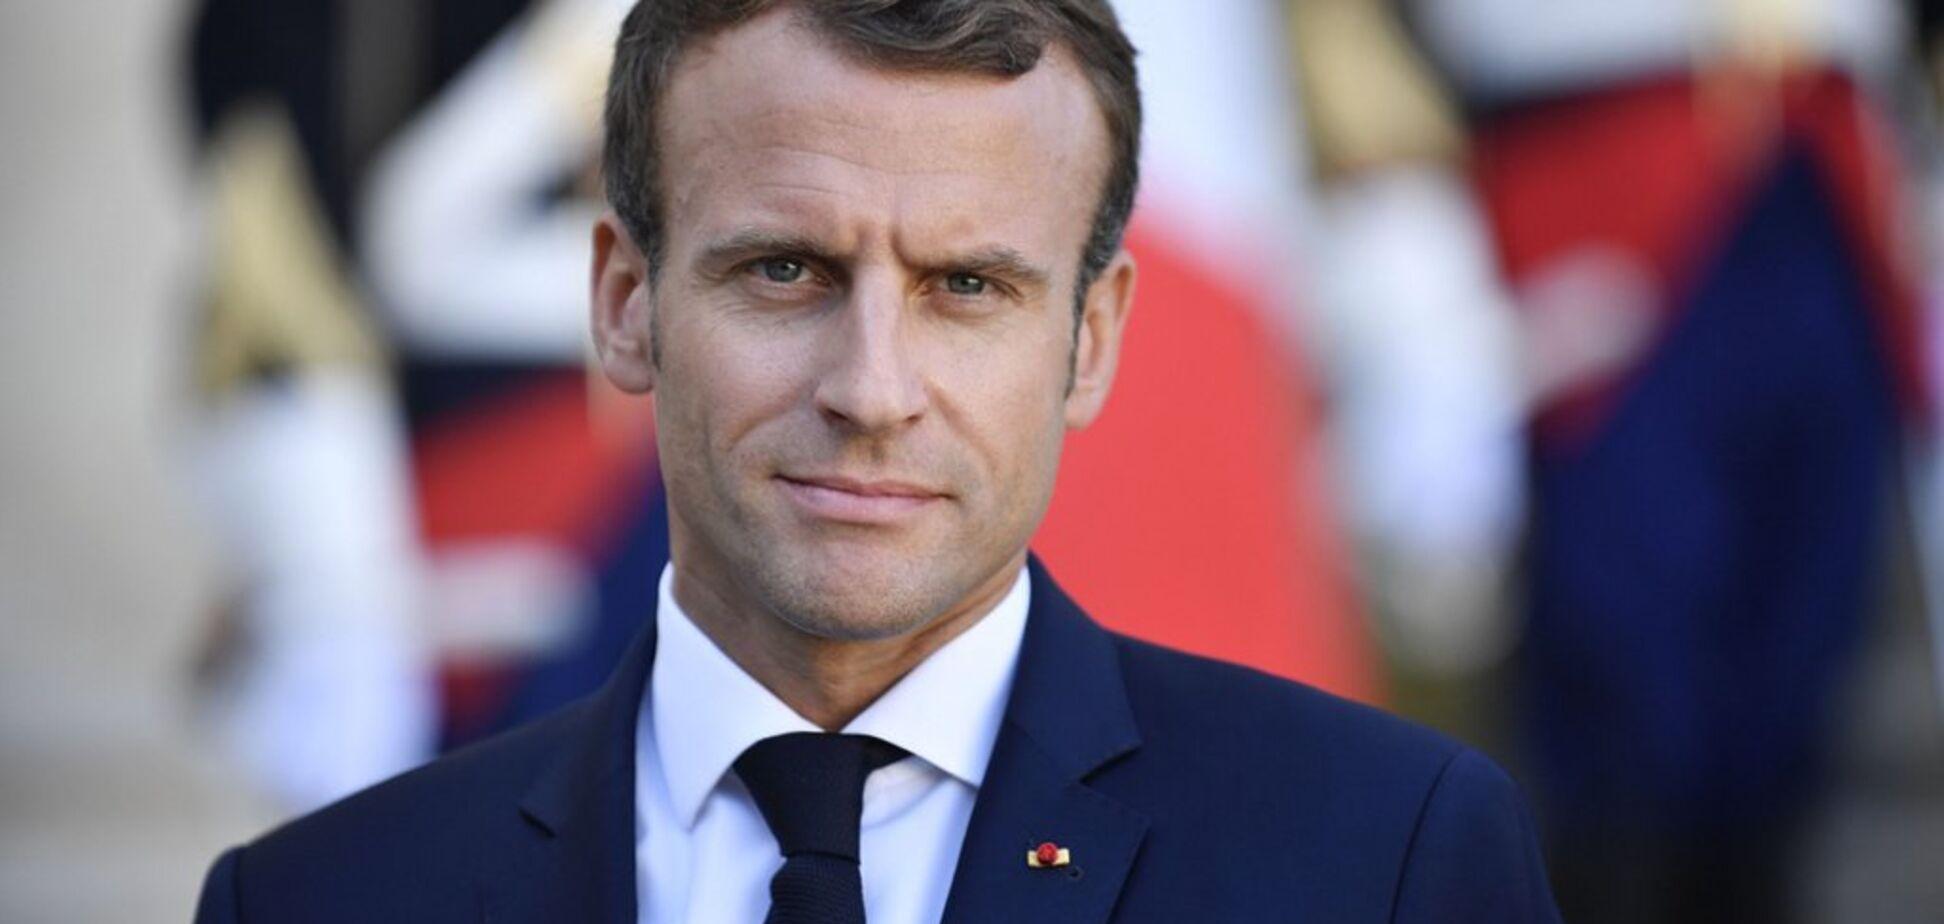 ''Майдан'' у Франції: Макрон опинився в трагічному становищі